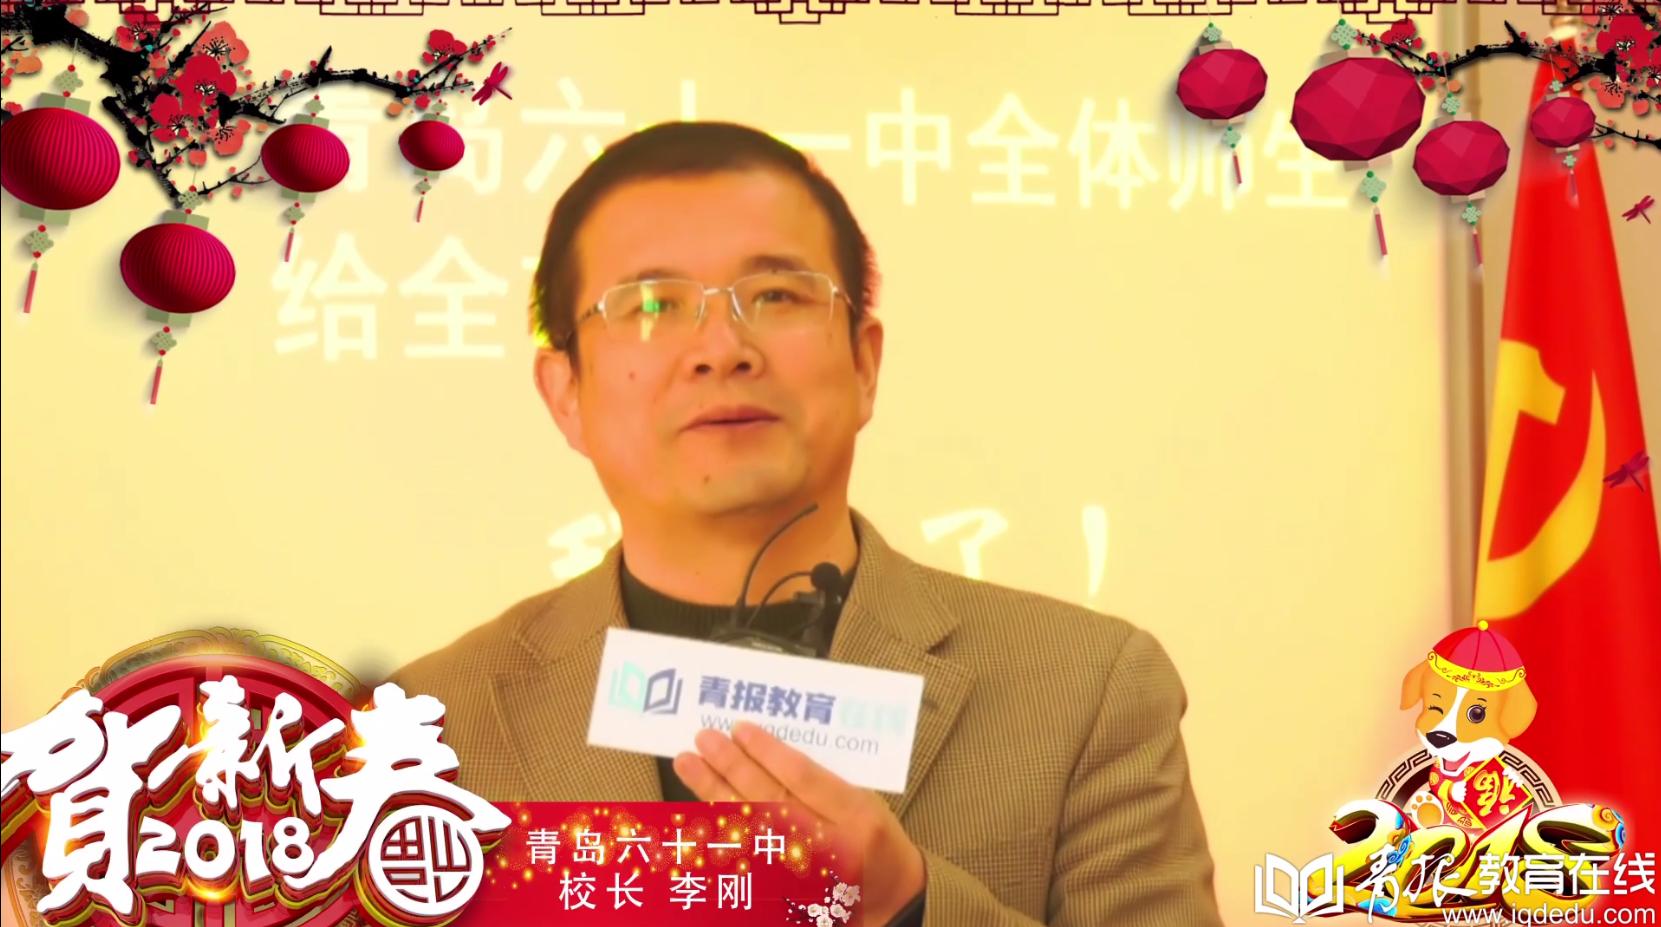 【视频】青岛61中祝岛城市民阖家幸福身体健康!